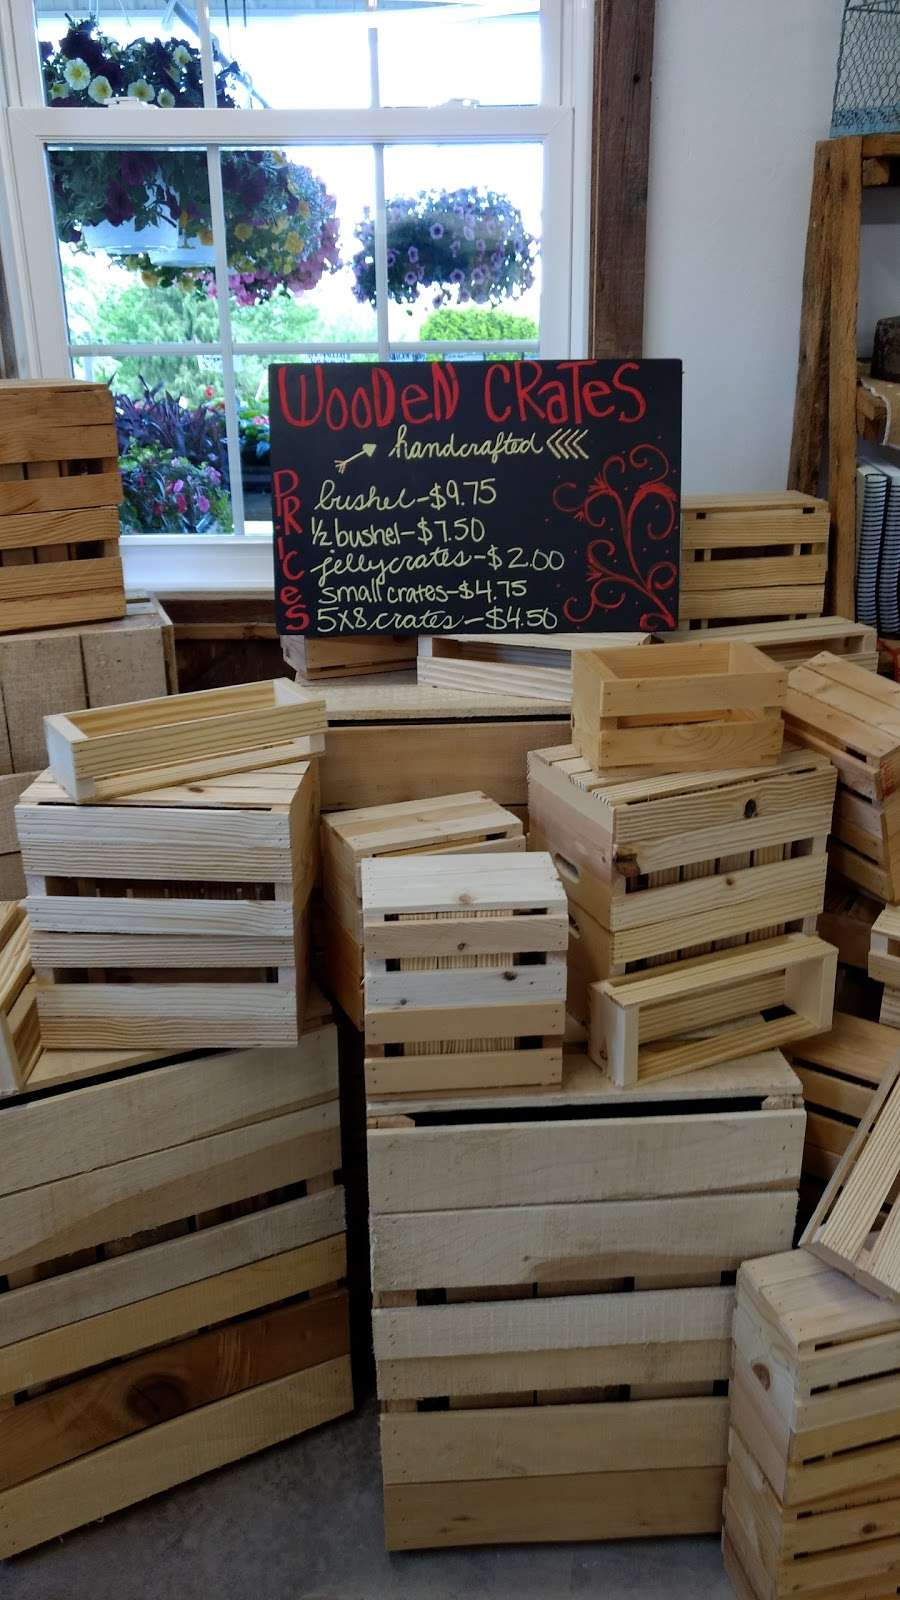 Hess Orchards - store  | Photo 4 of 10 | Address: 3793, 3979 Wayne Rd, Chambersburg, PA 17202, USA | Phone: (717) 264-8872